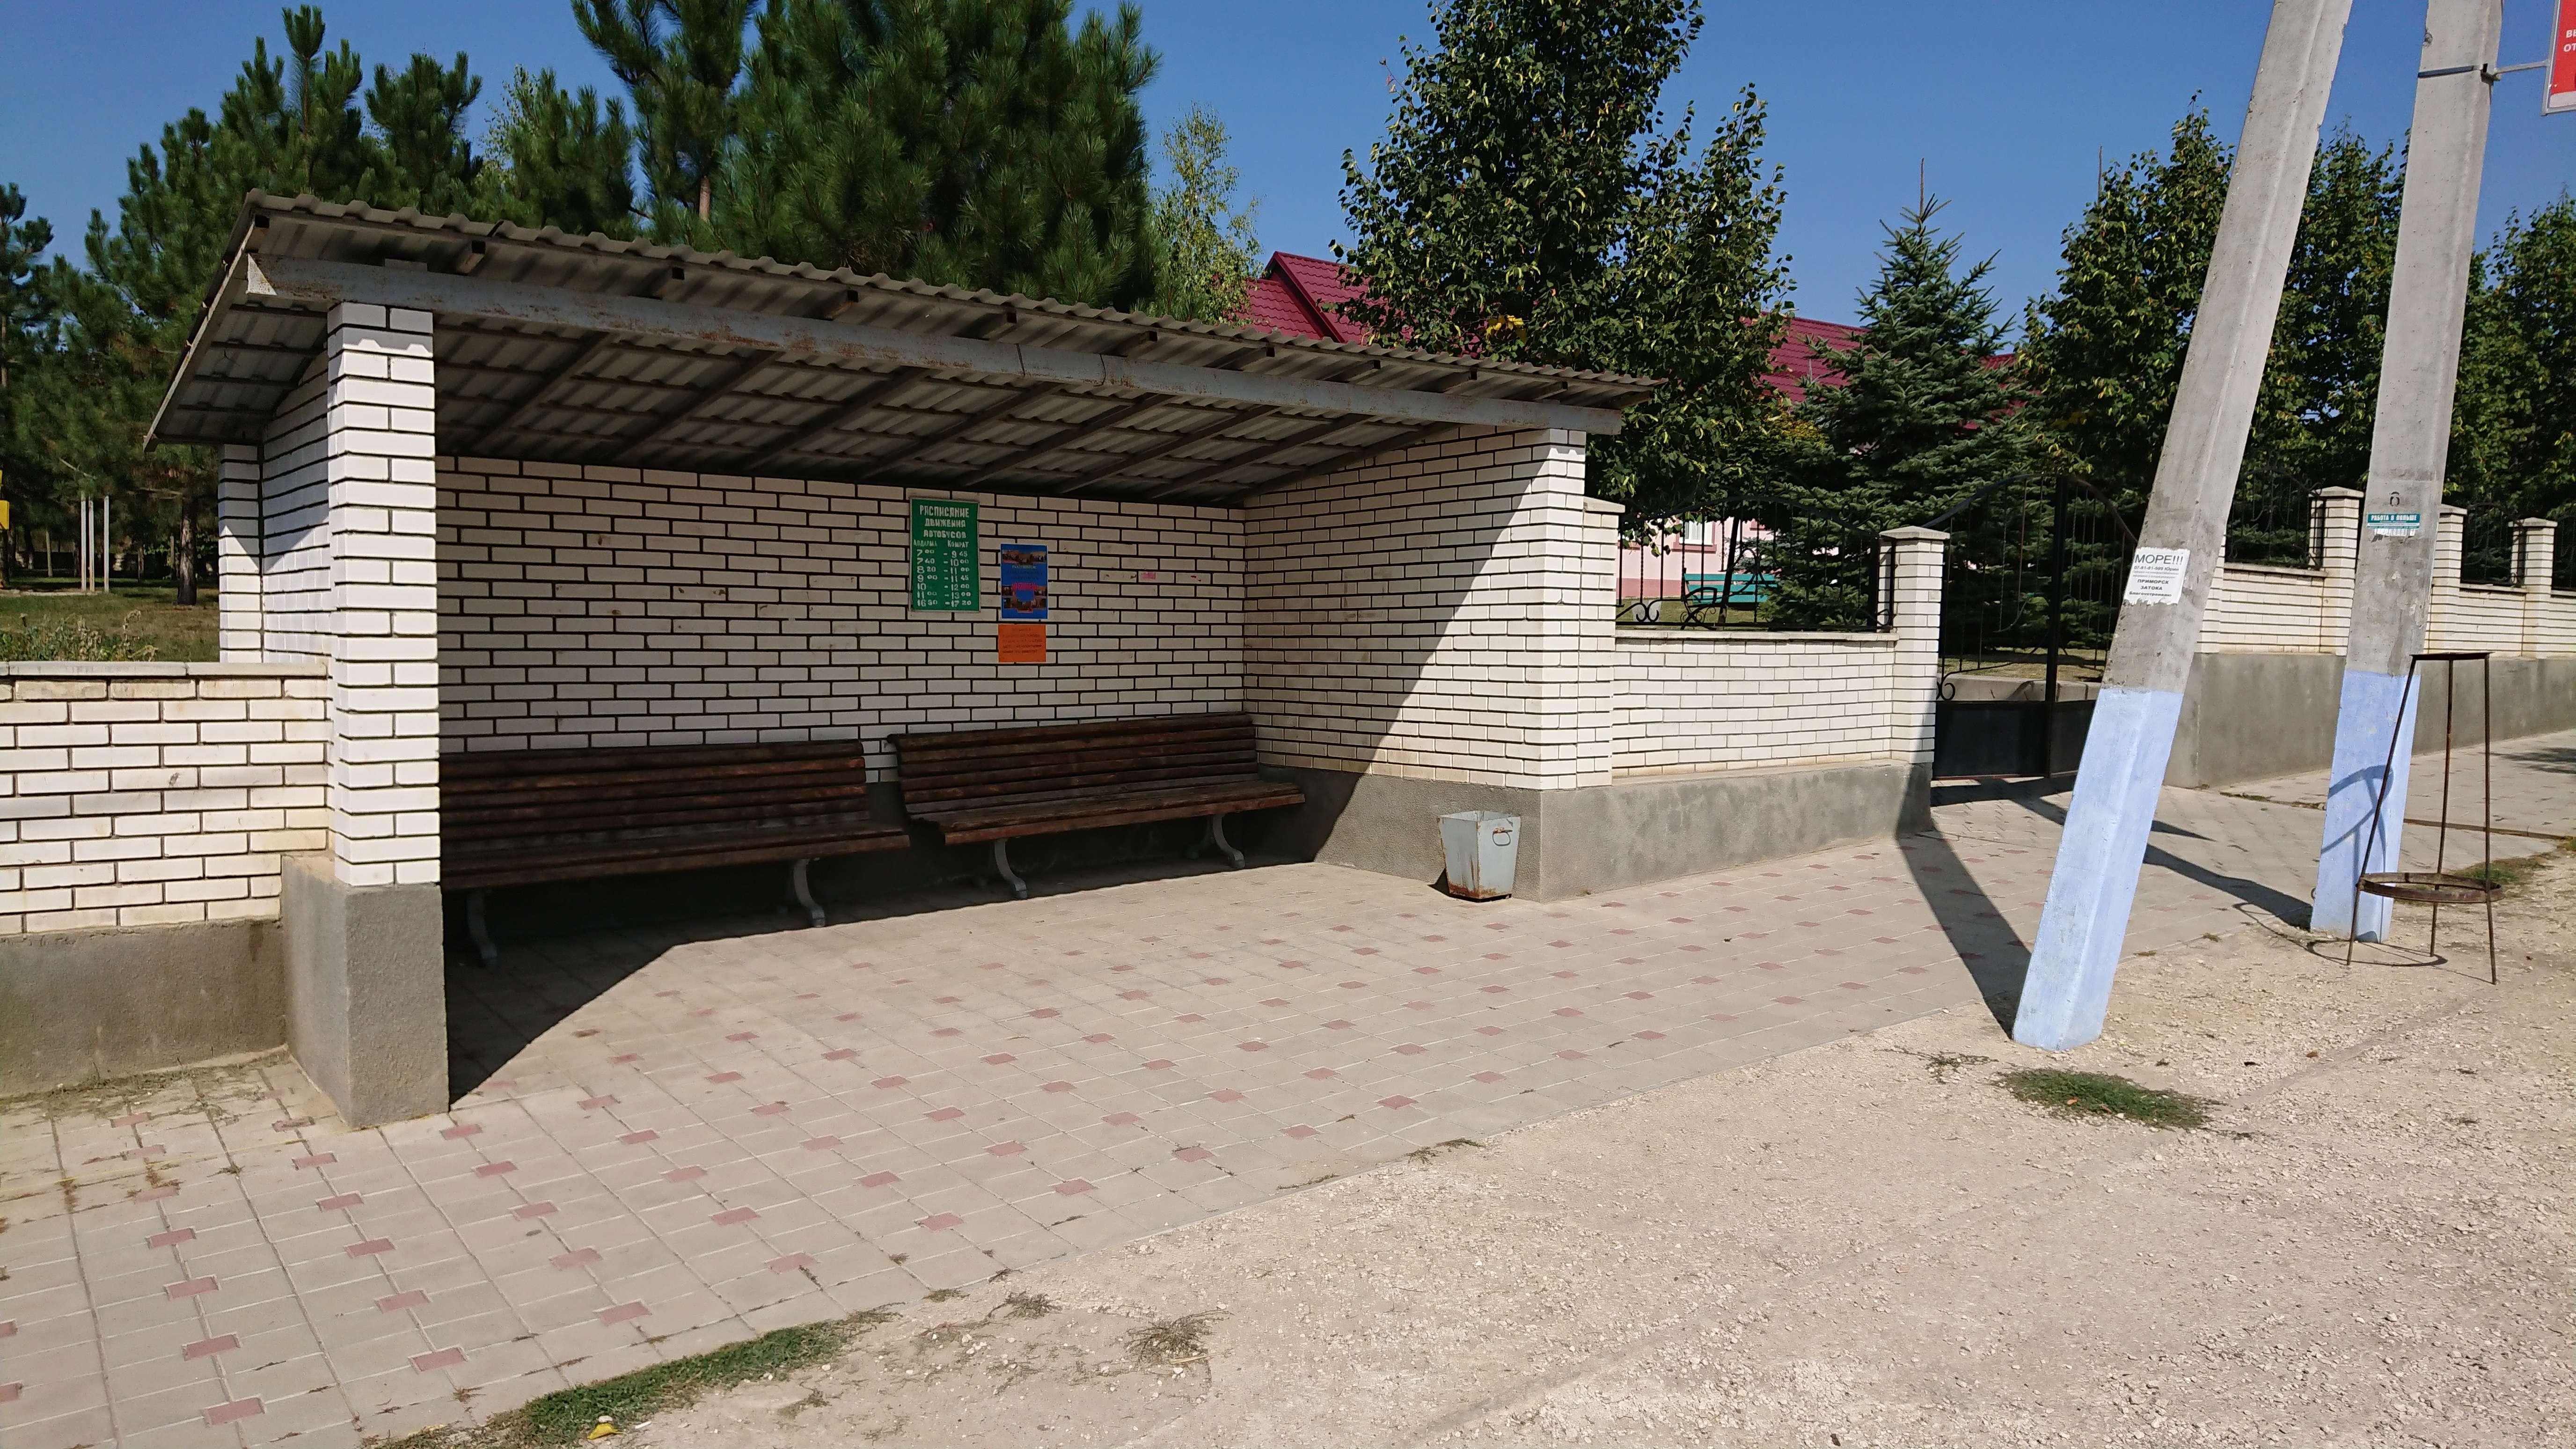 Statie de autobuz din satul Avdarma